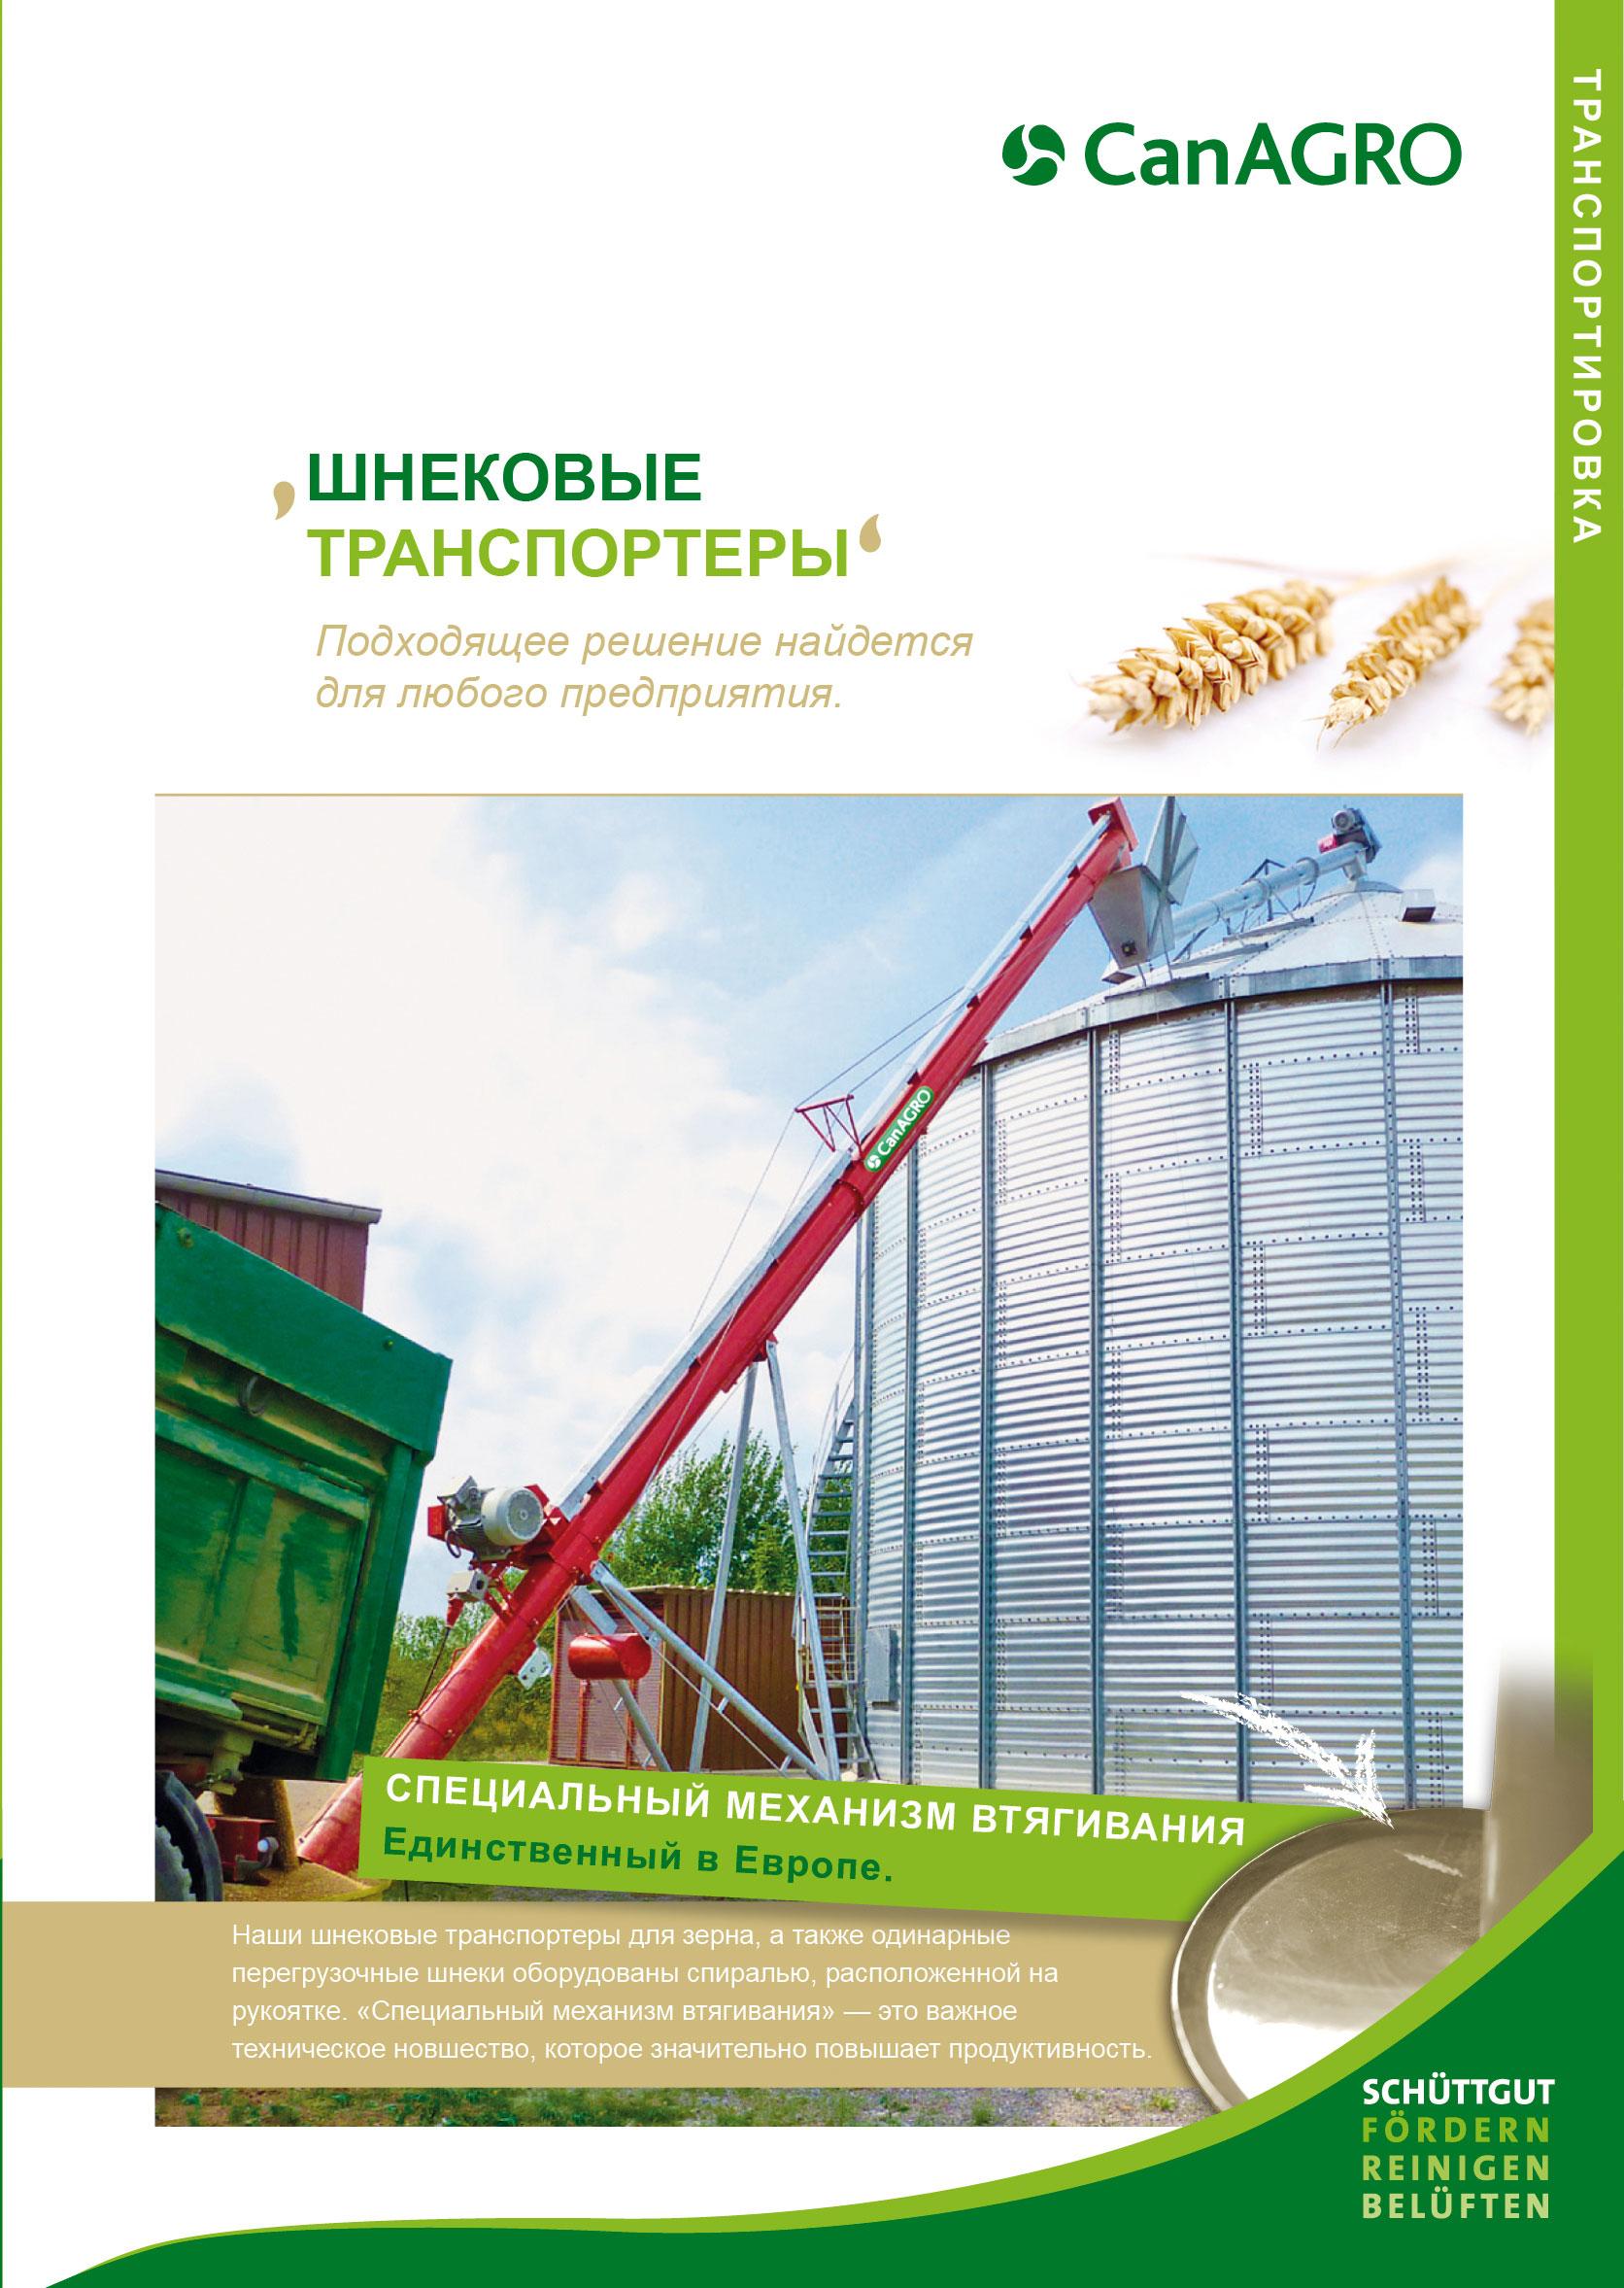 CanAGRO - PDF: Förderschnecken-Russisch